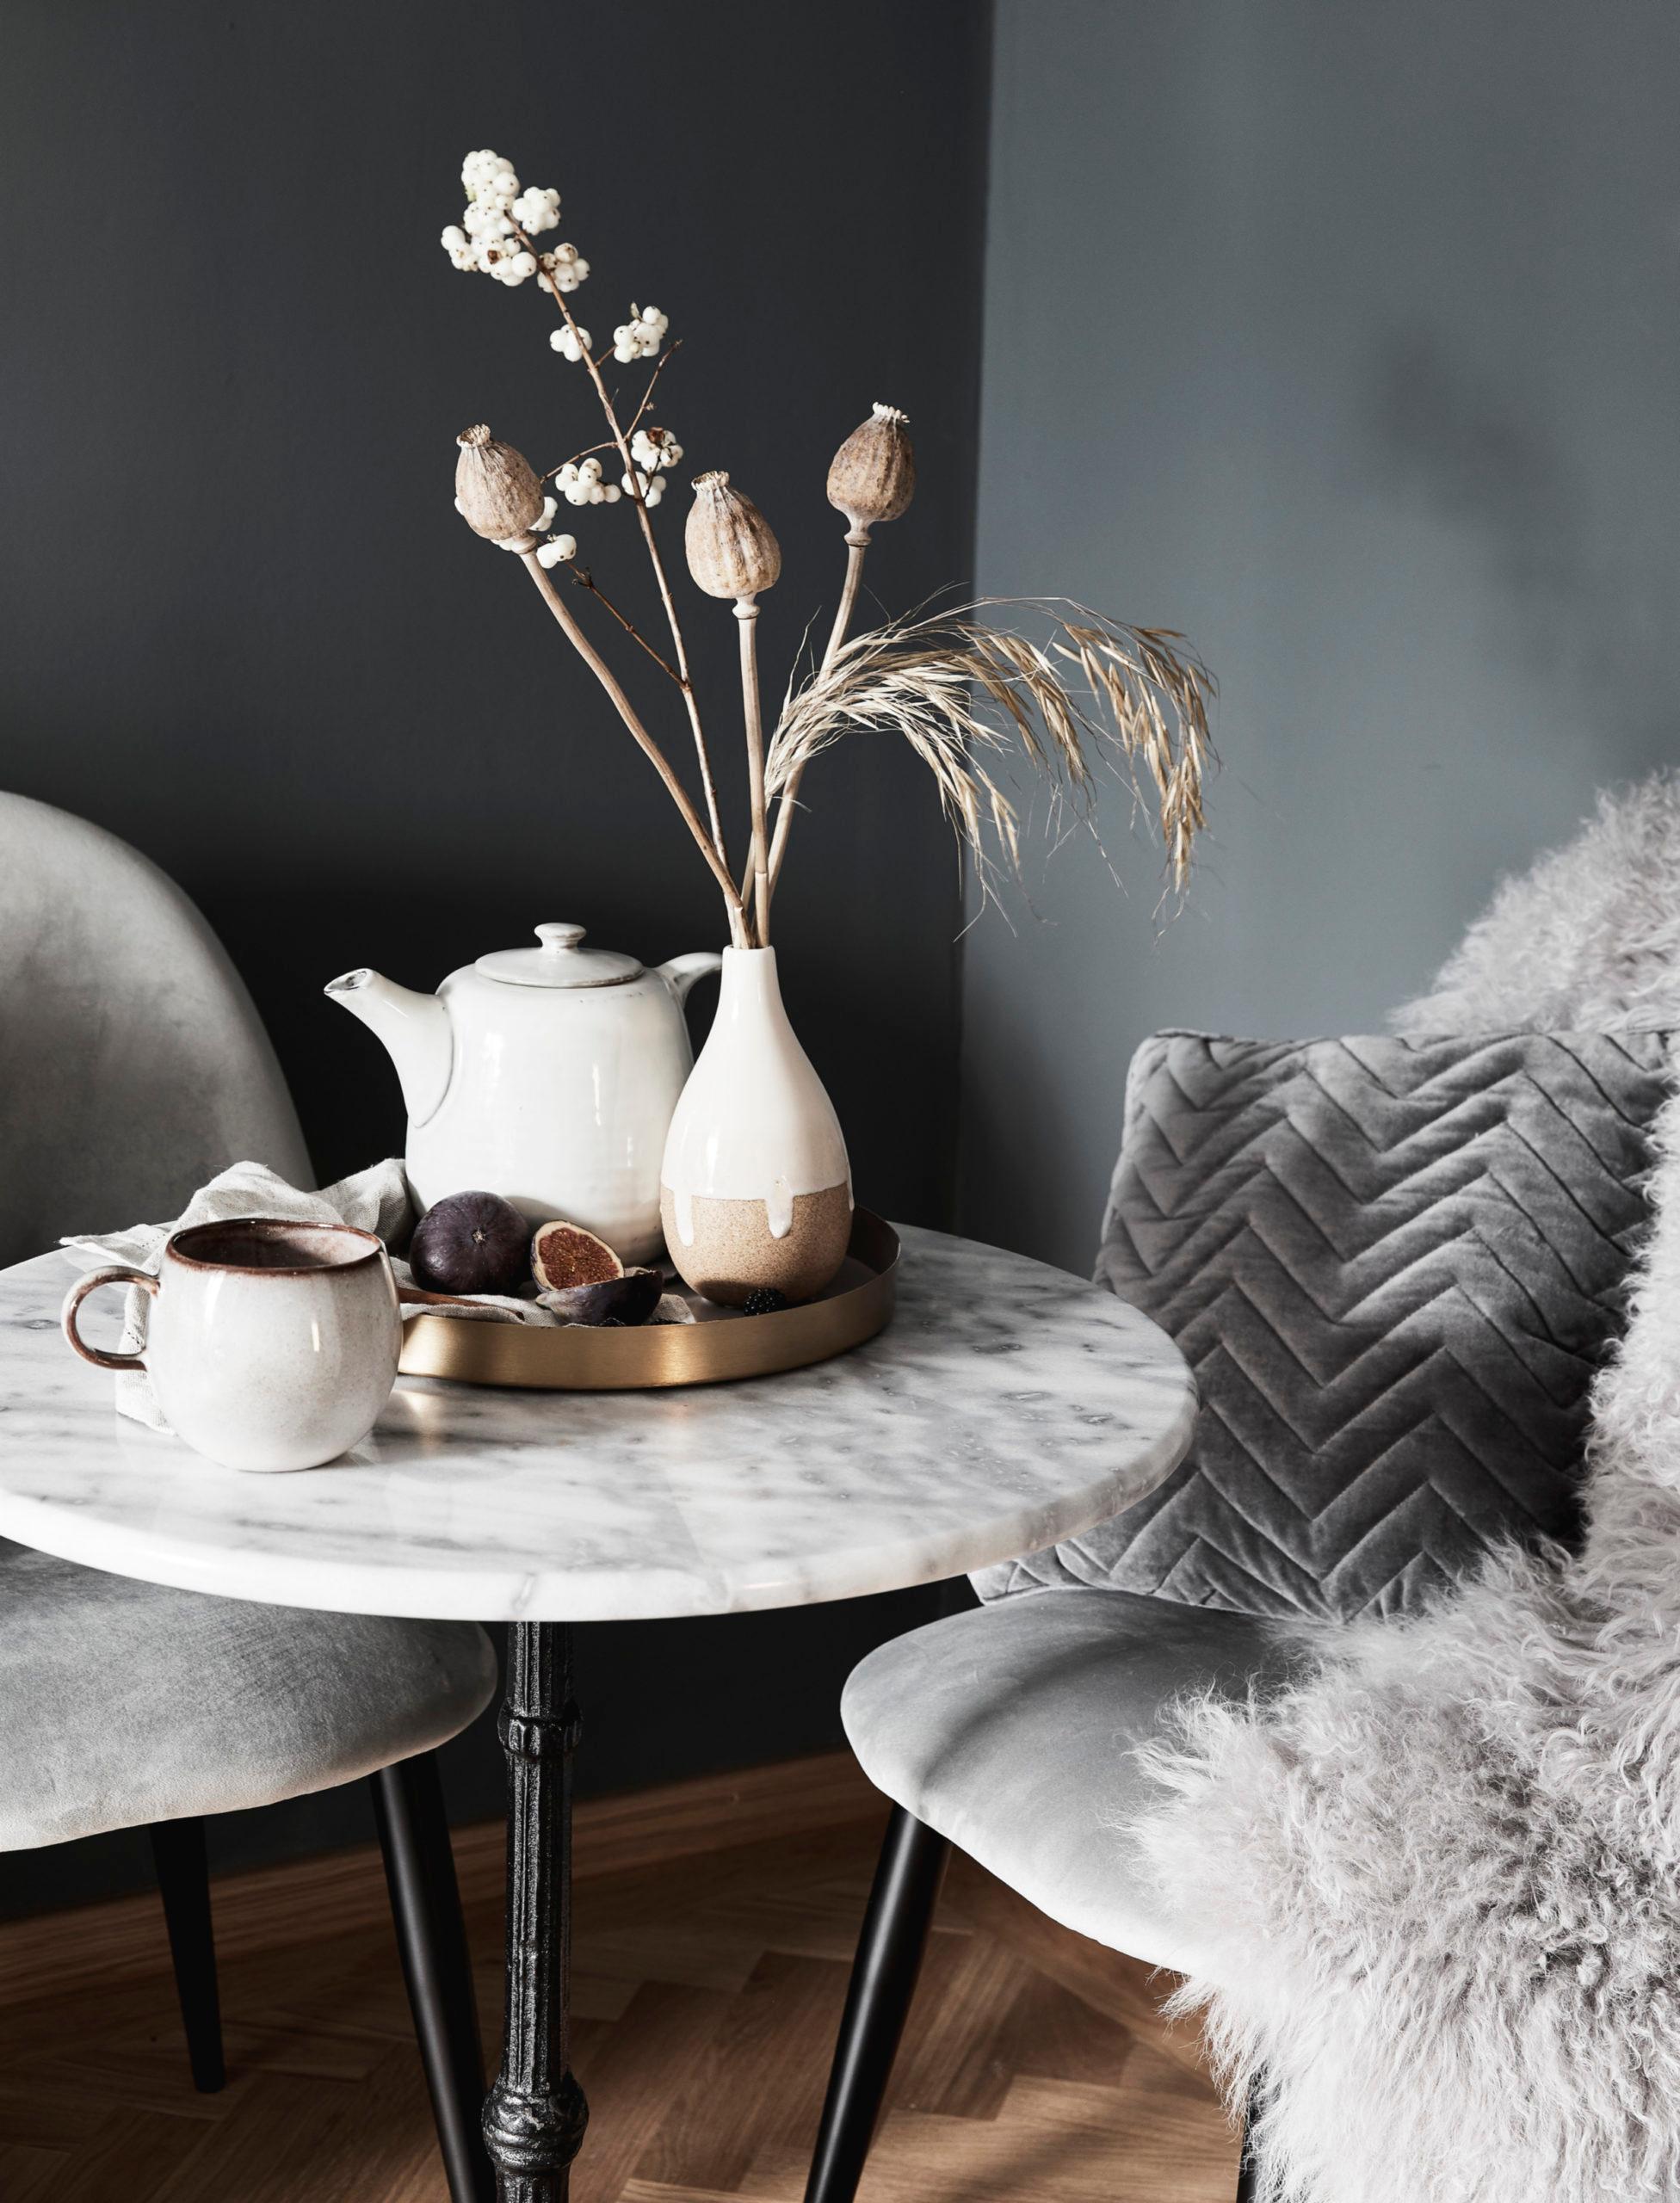 Theirère et tasses sur un plateau bronzé sur une table en marbre blanc